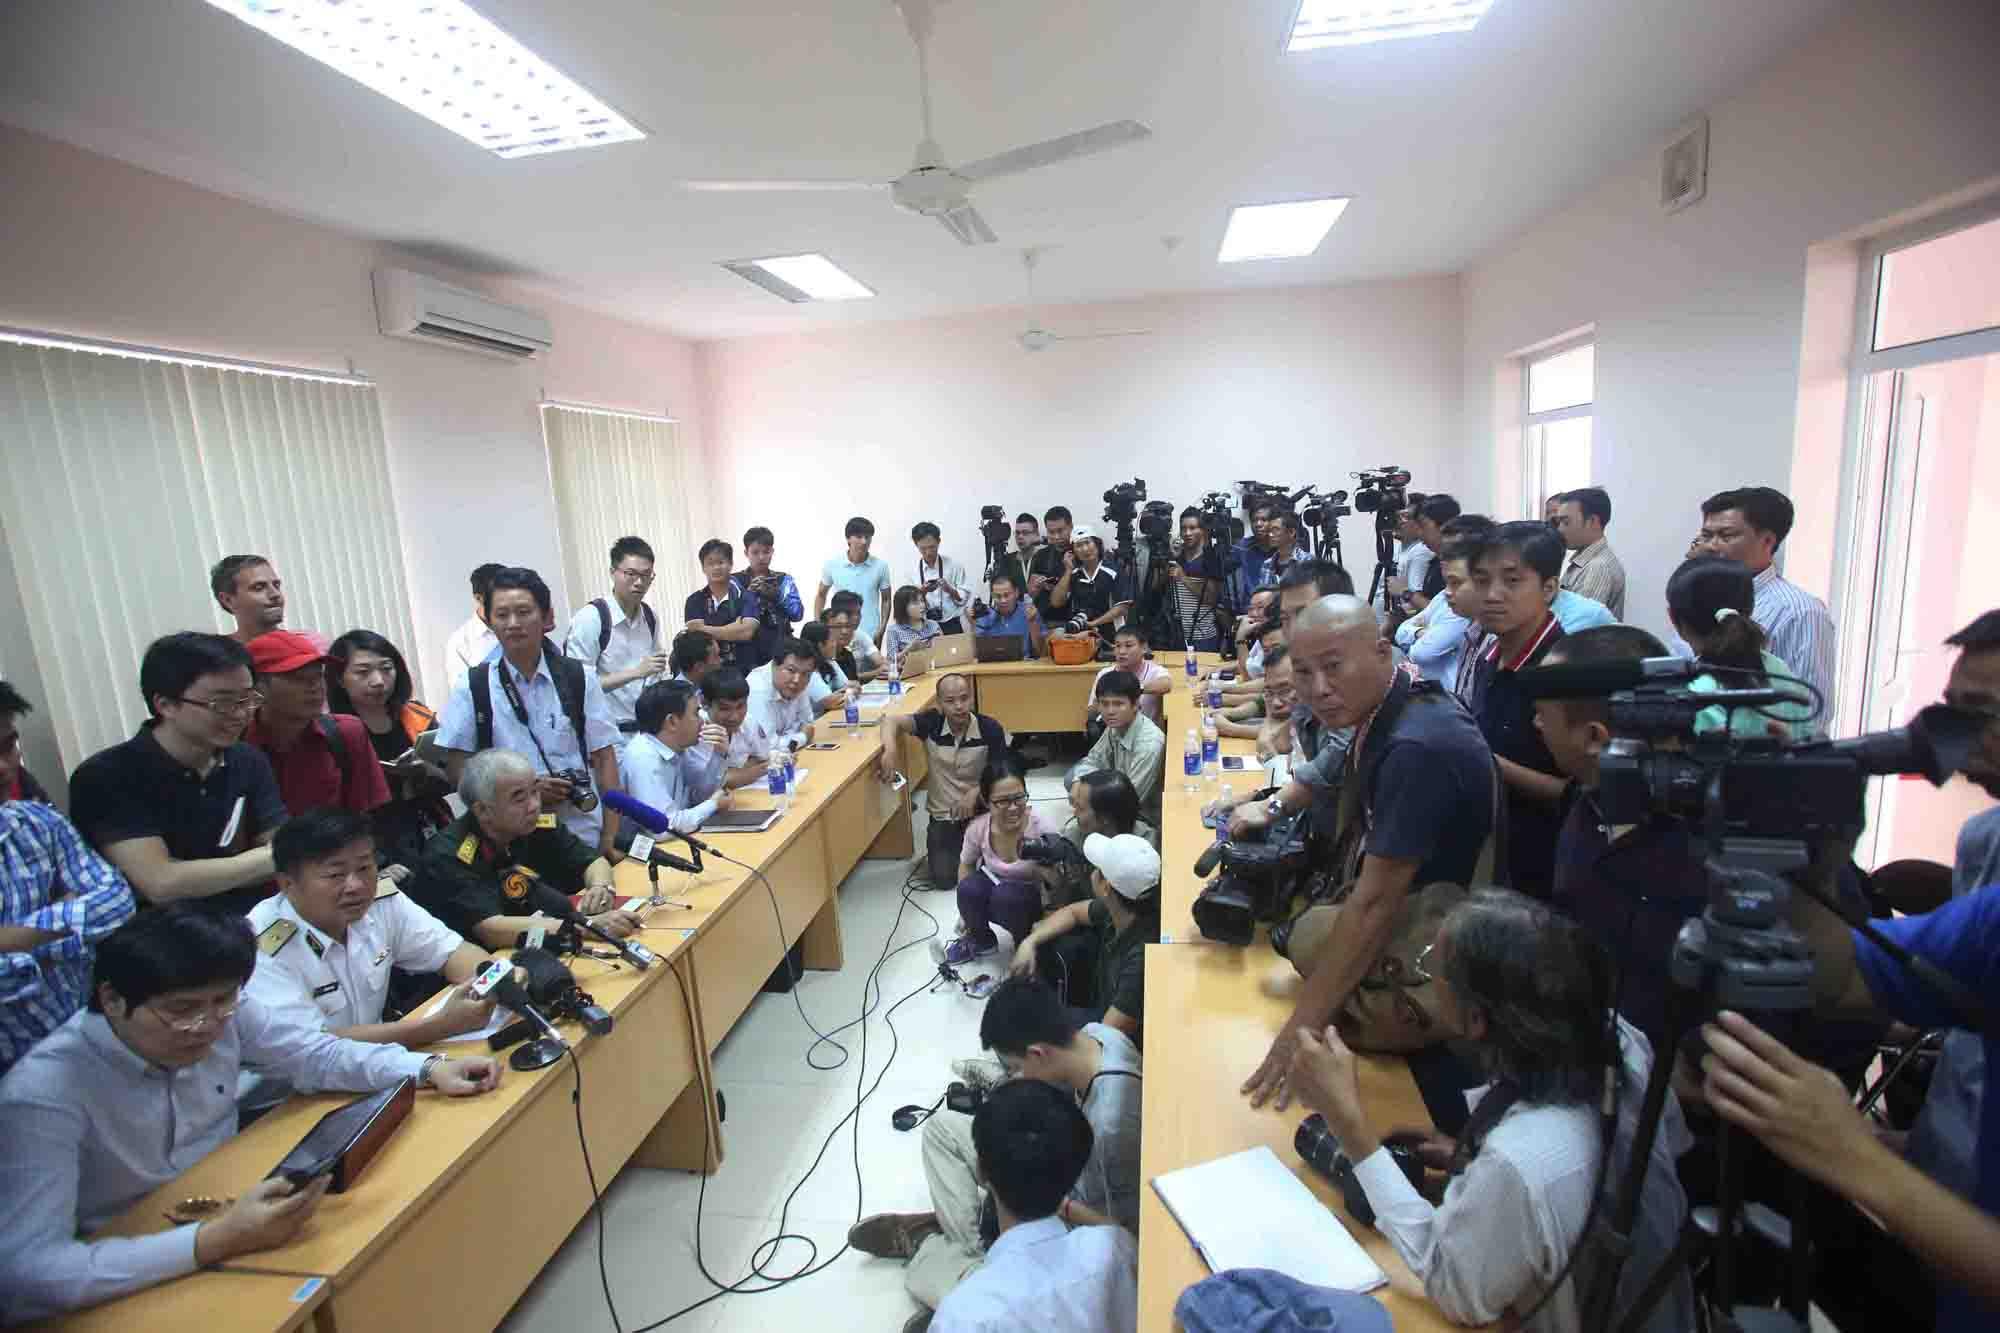 Đông đảo phóng viên trong nước và quốc tế đang tác nghiệp tại Sở chỉ huy tiền phương tại Phú Quốc